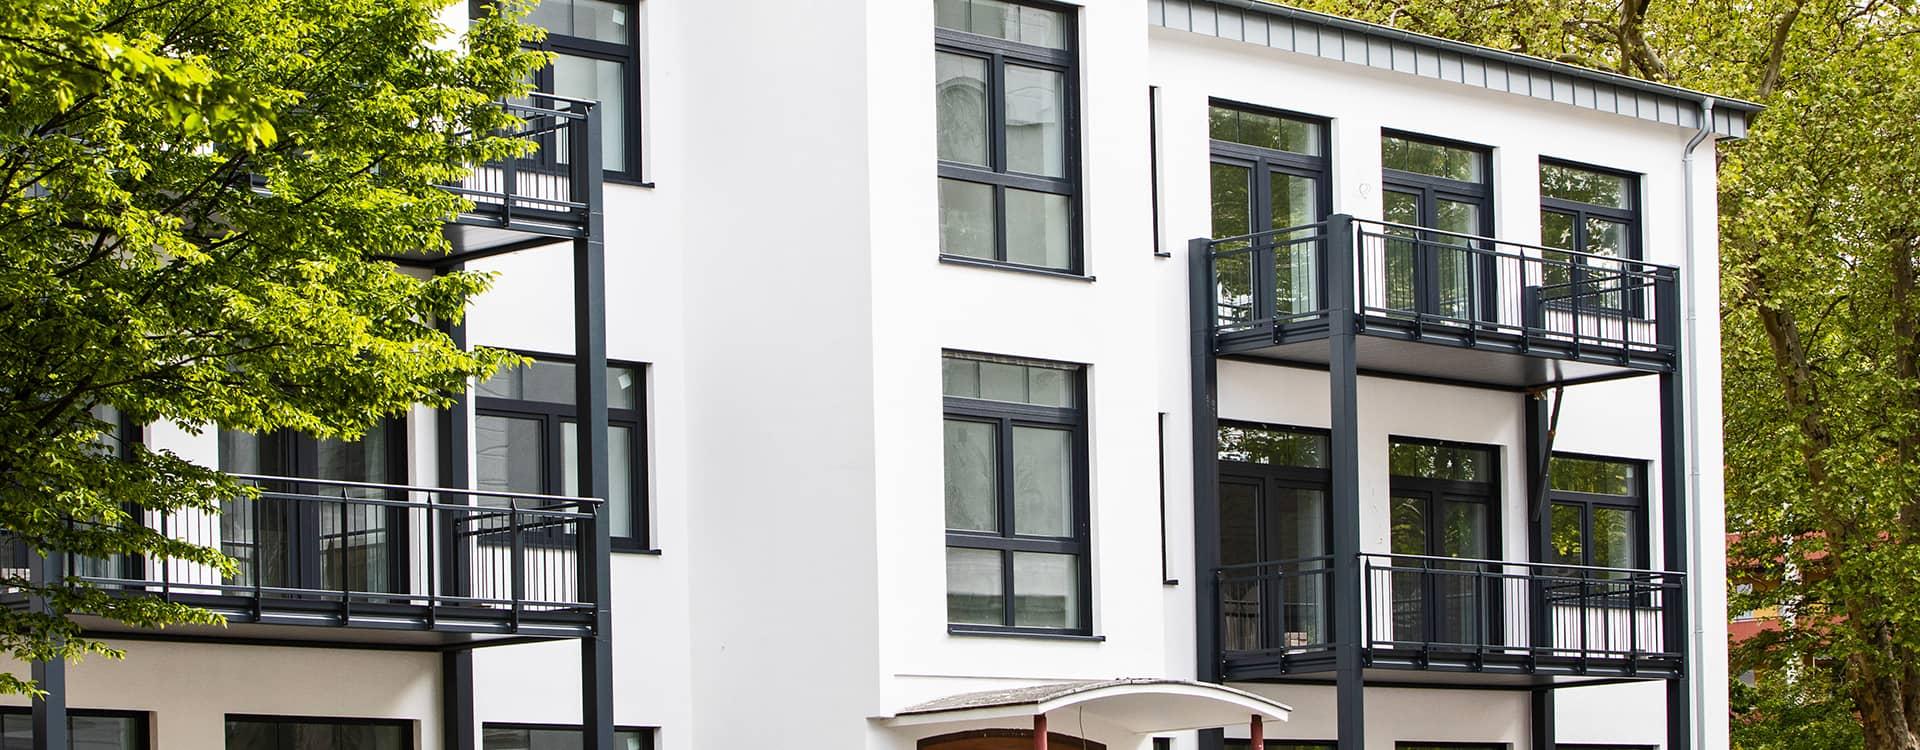 modernes wohngebaeude mit anbau balkonen von ck immobilien